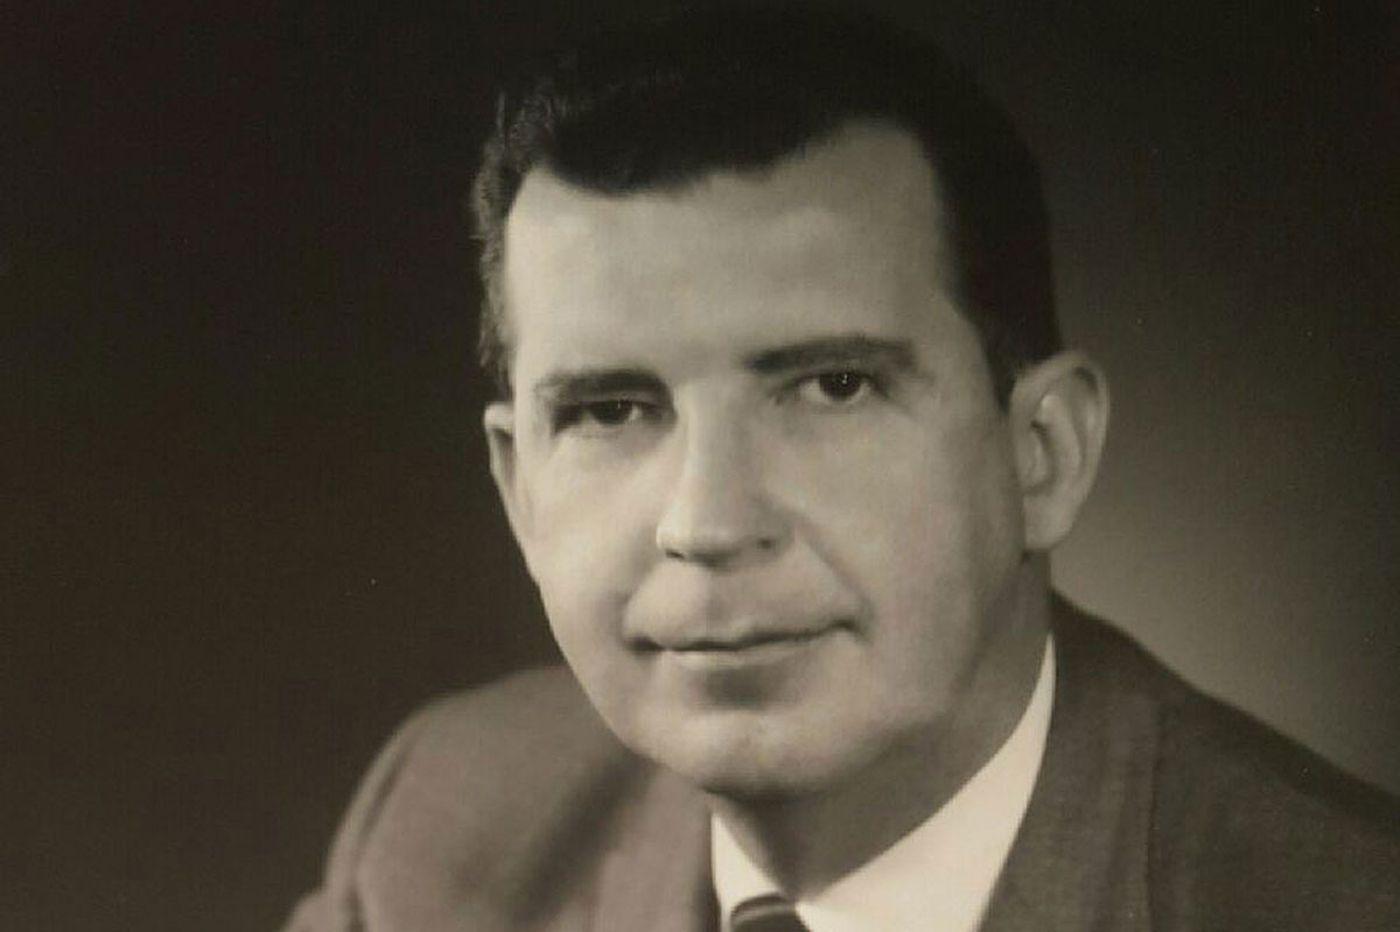 John T. Magee, 85, Bryn Mawr Hospital physician